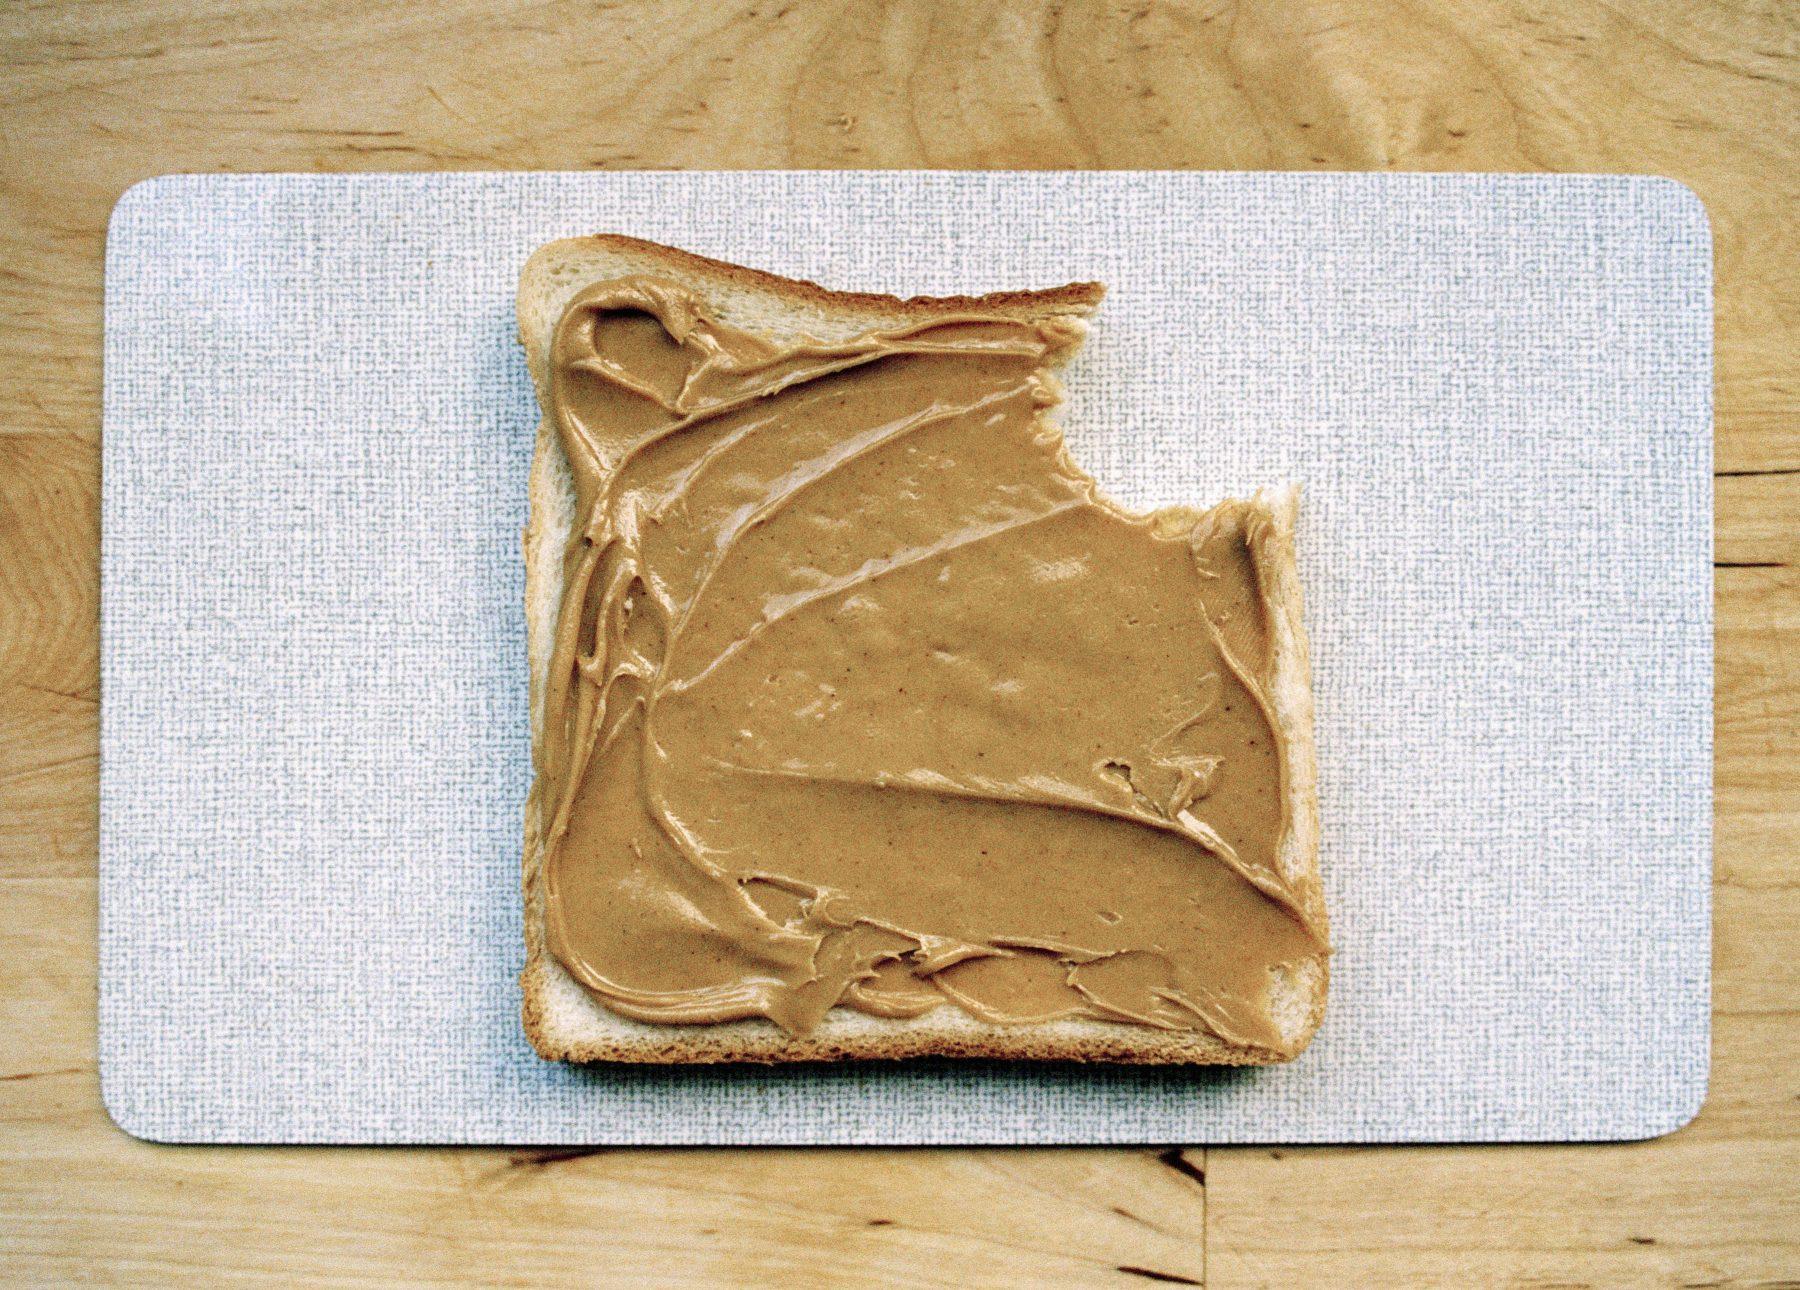 Teun van de Keuken maakt voor eens en altijd een einde aan de discussie: 'Pindakaas is hartig'